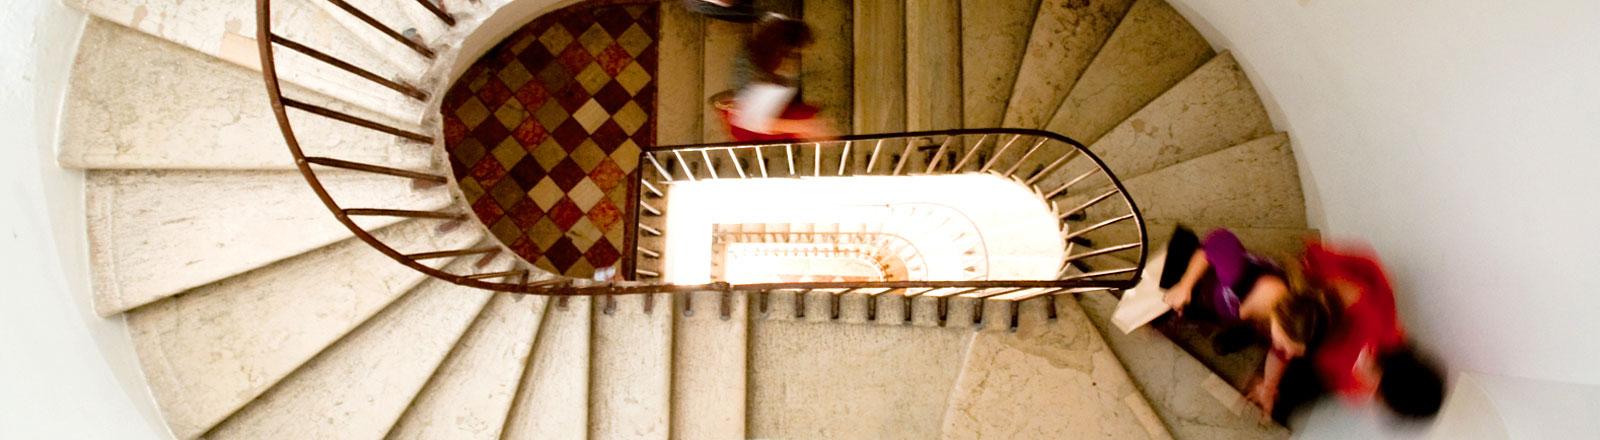 Altes Treppenhaus, zwei Menschen huschen durchs Bild